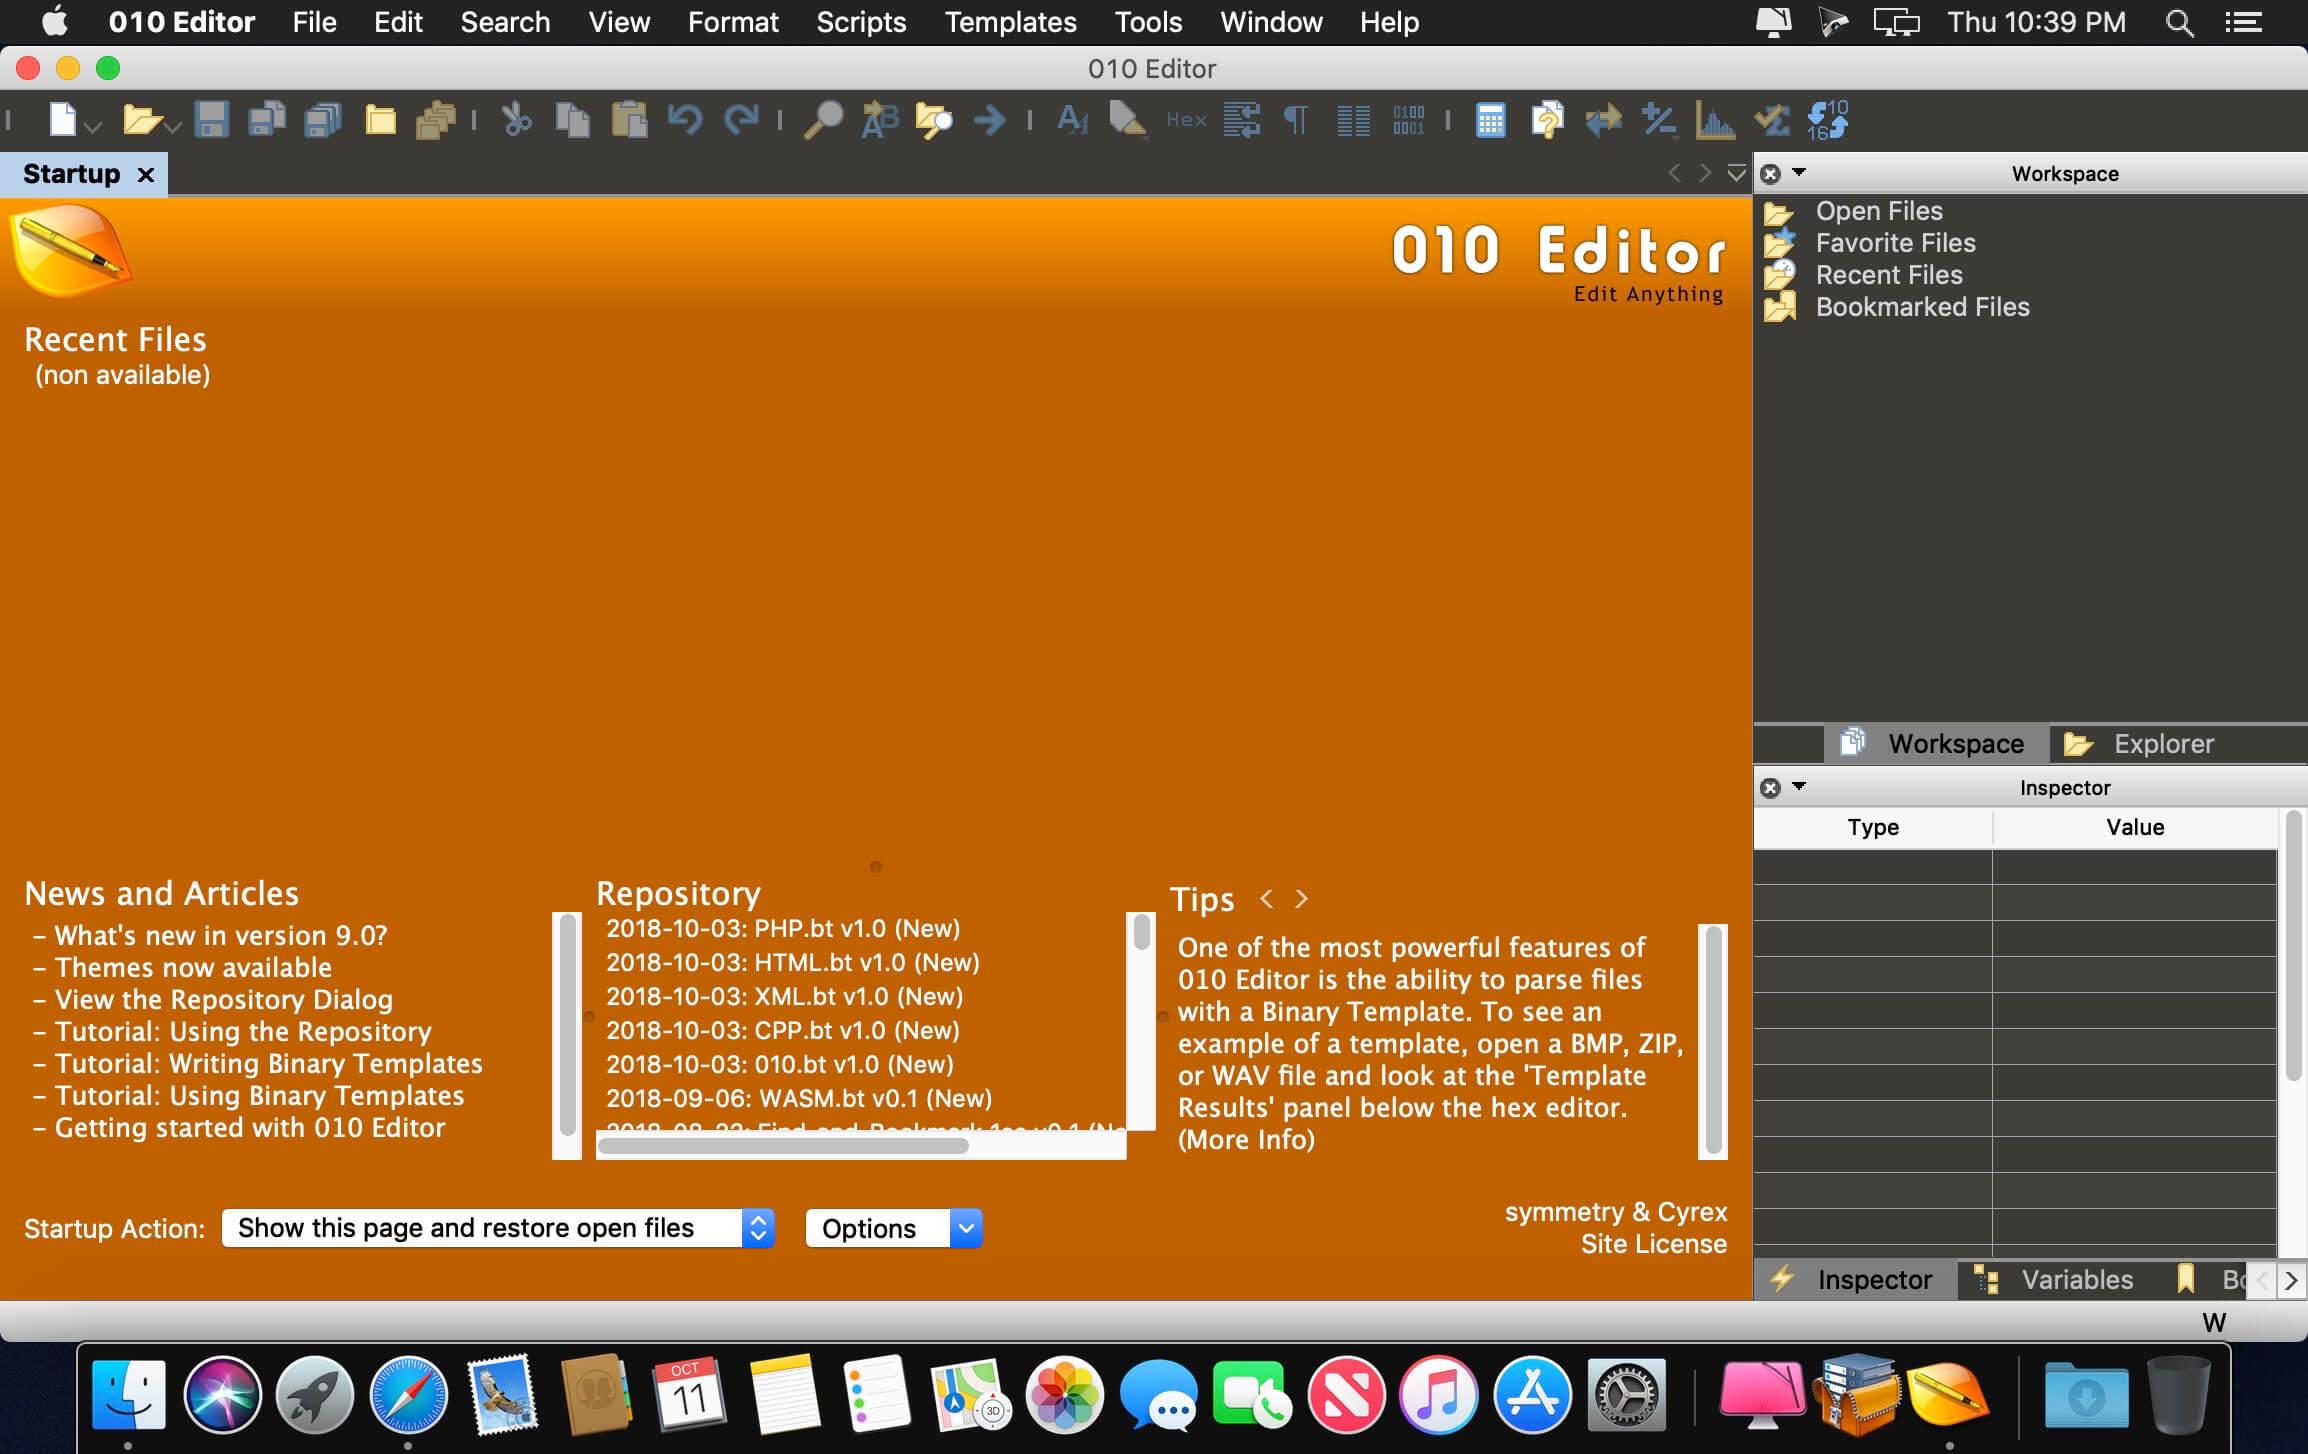 010 Editor 9 0 2 download | macOS